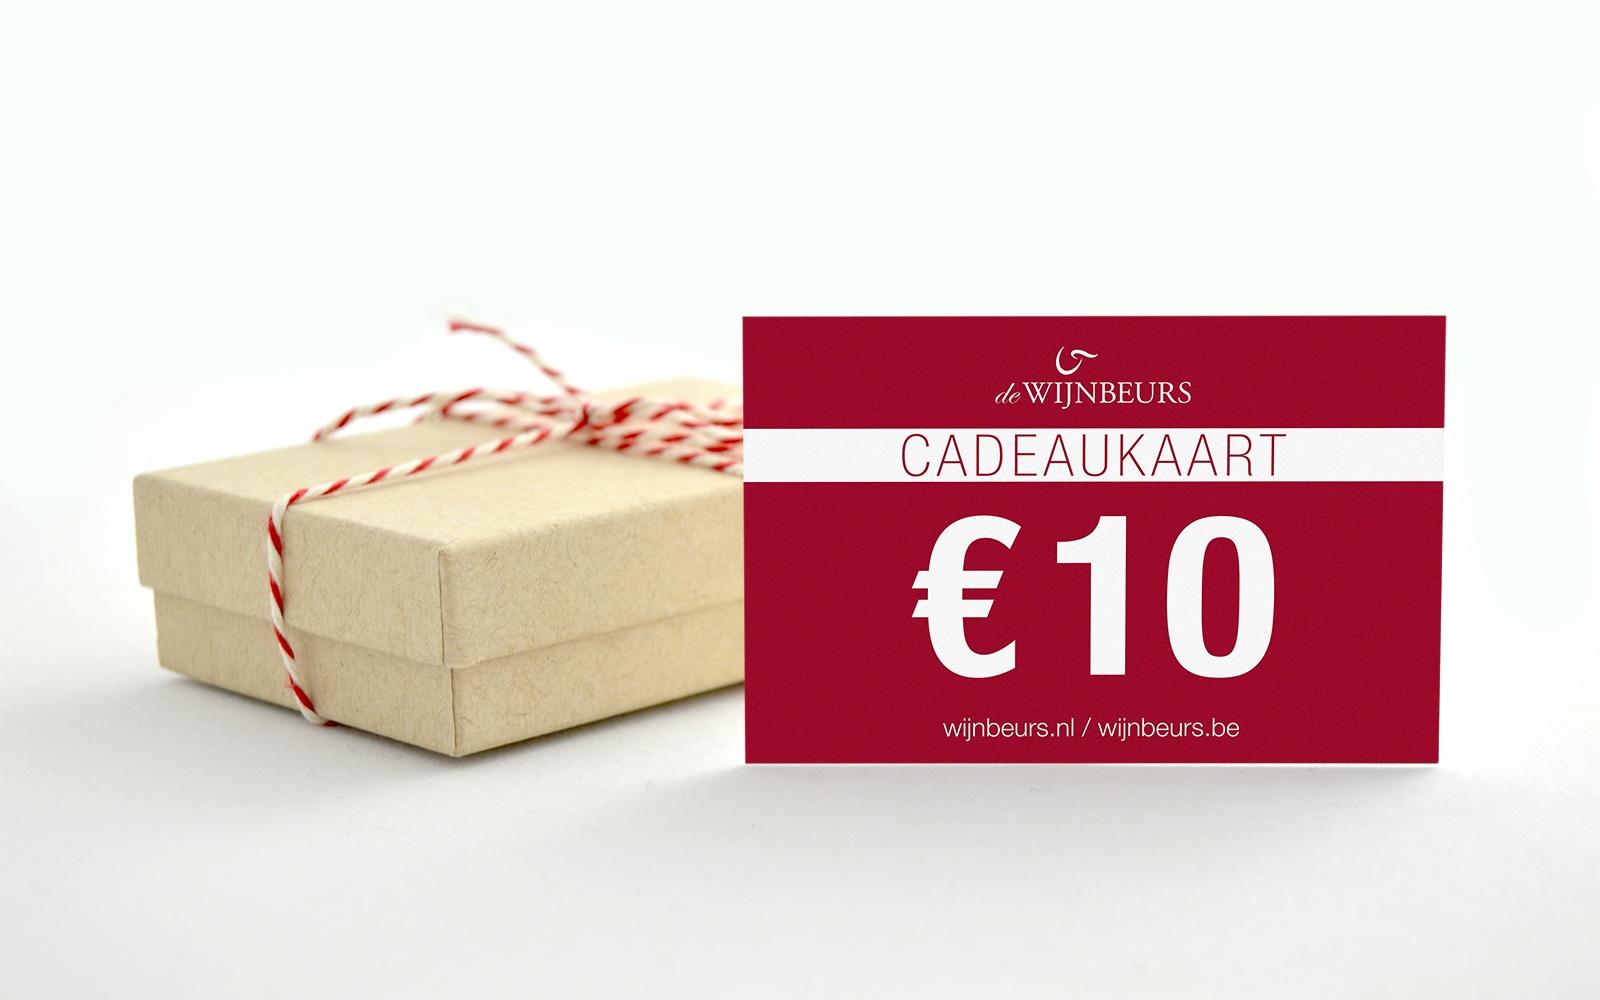 Cadeaukaart 10 euro wijnbeurs.nl